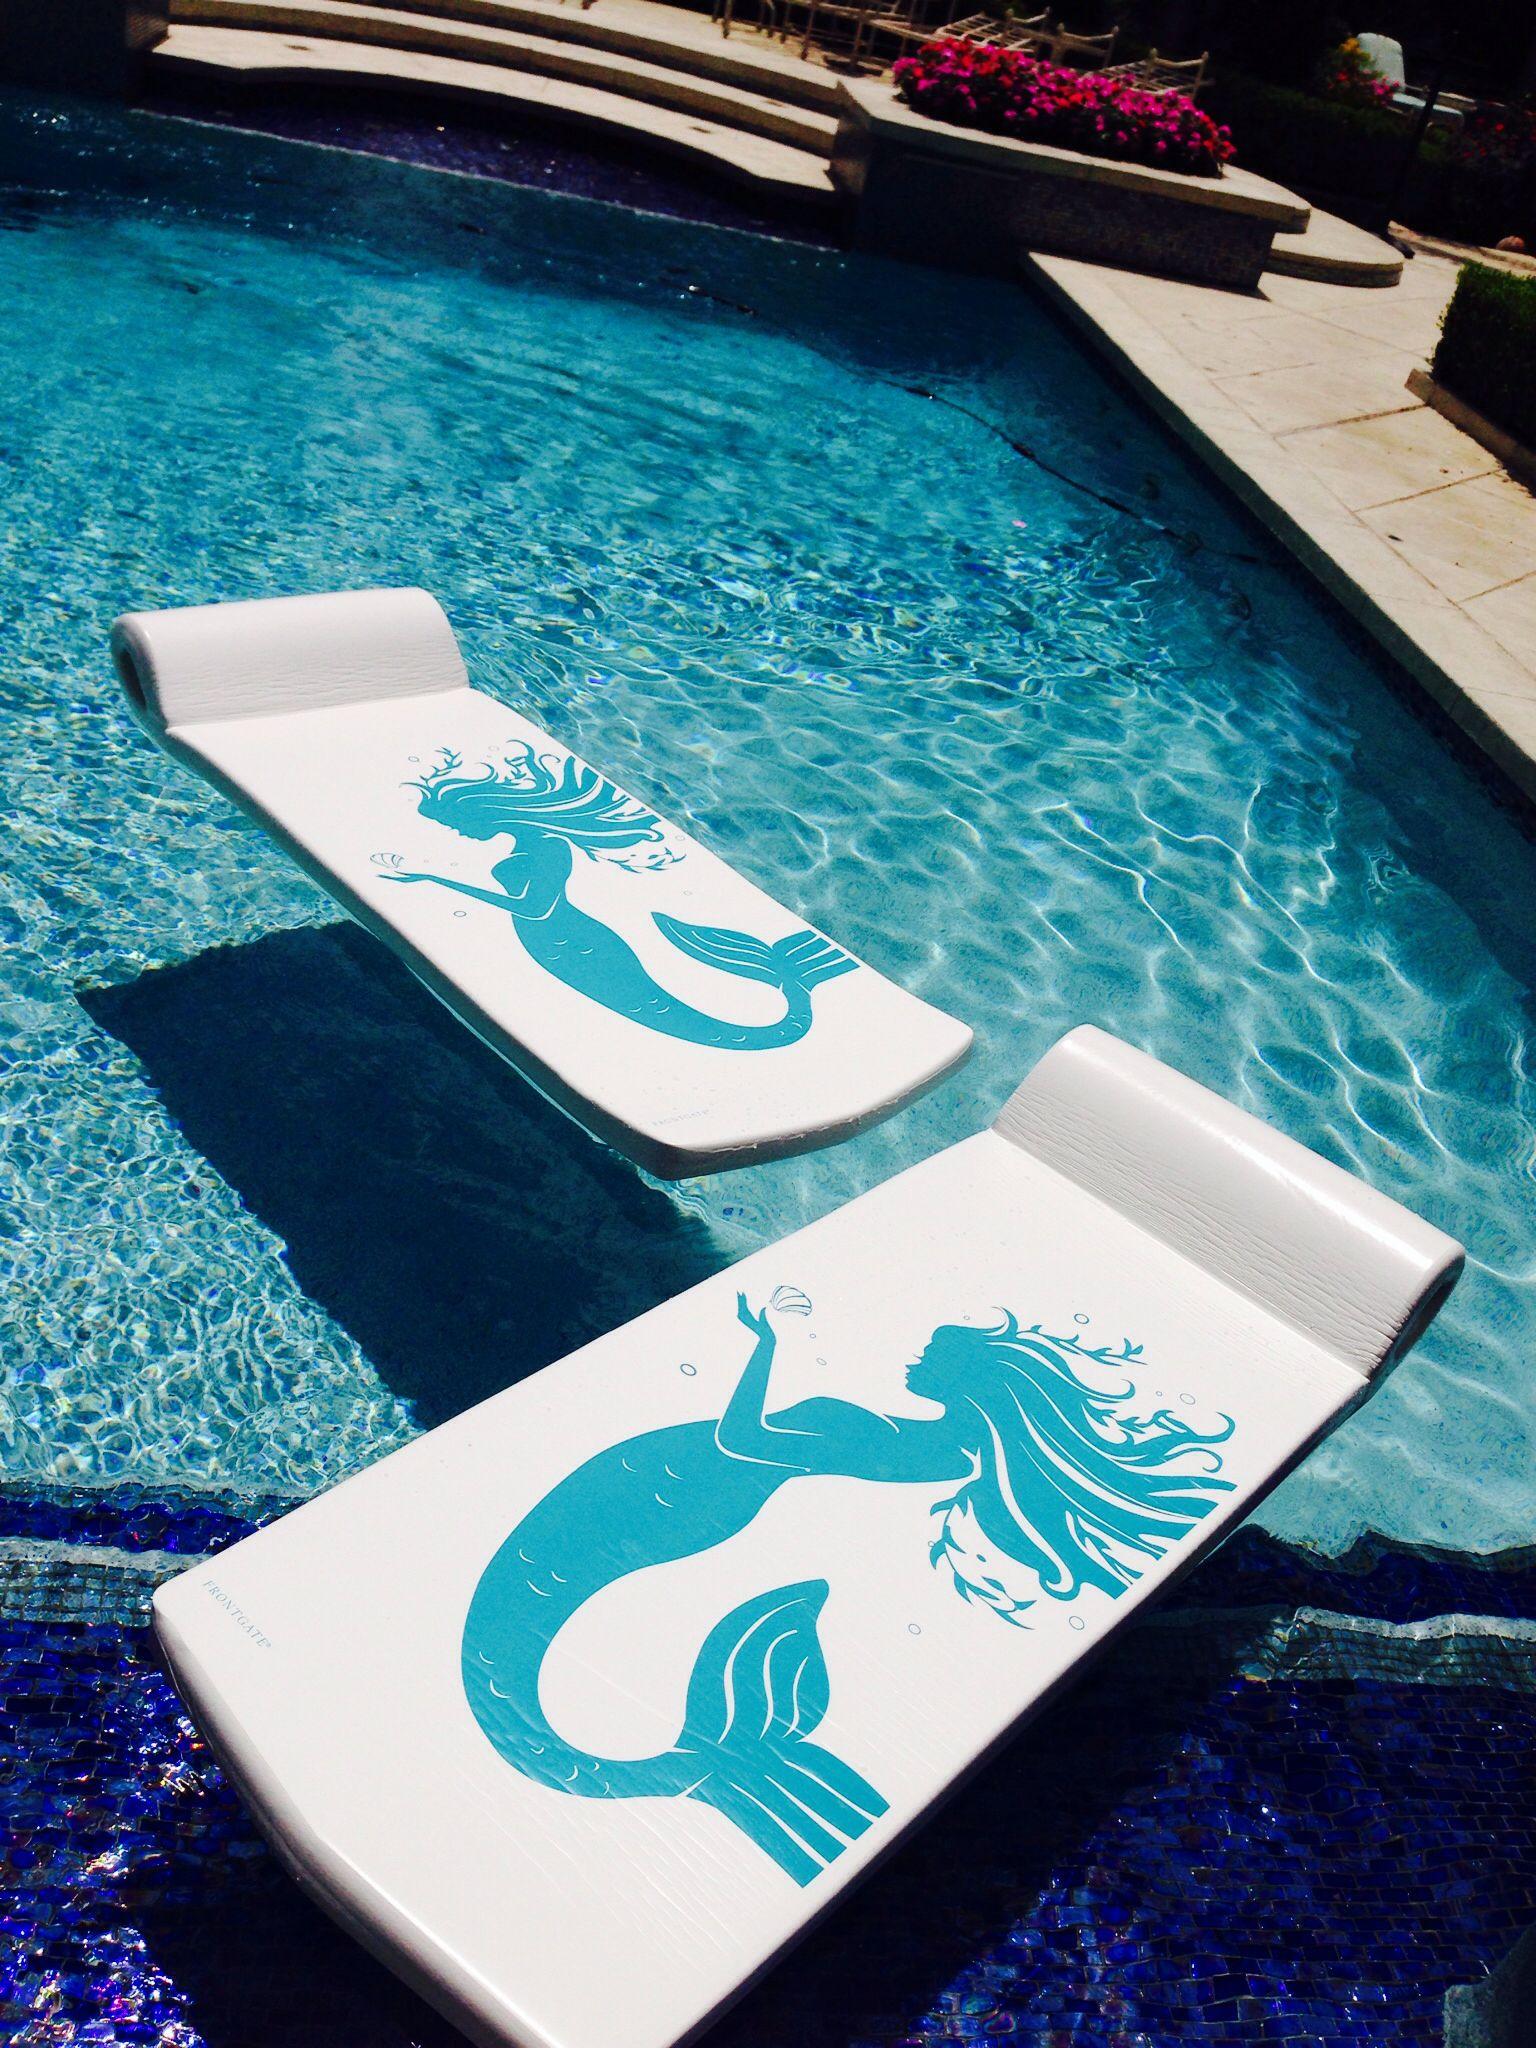 Luxury Pools Mermaid Pool Float Swimming Pool Accessories Pool Accessories Swimming Pool Decorations